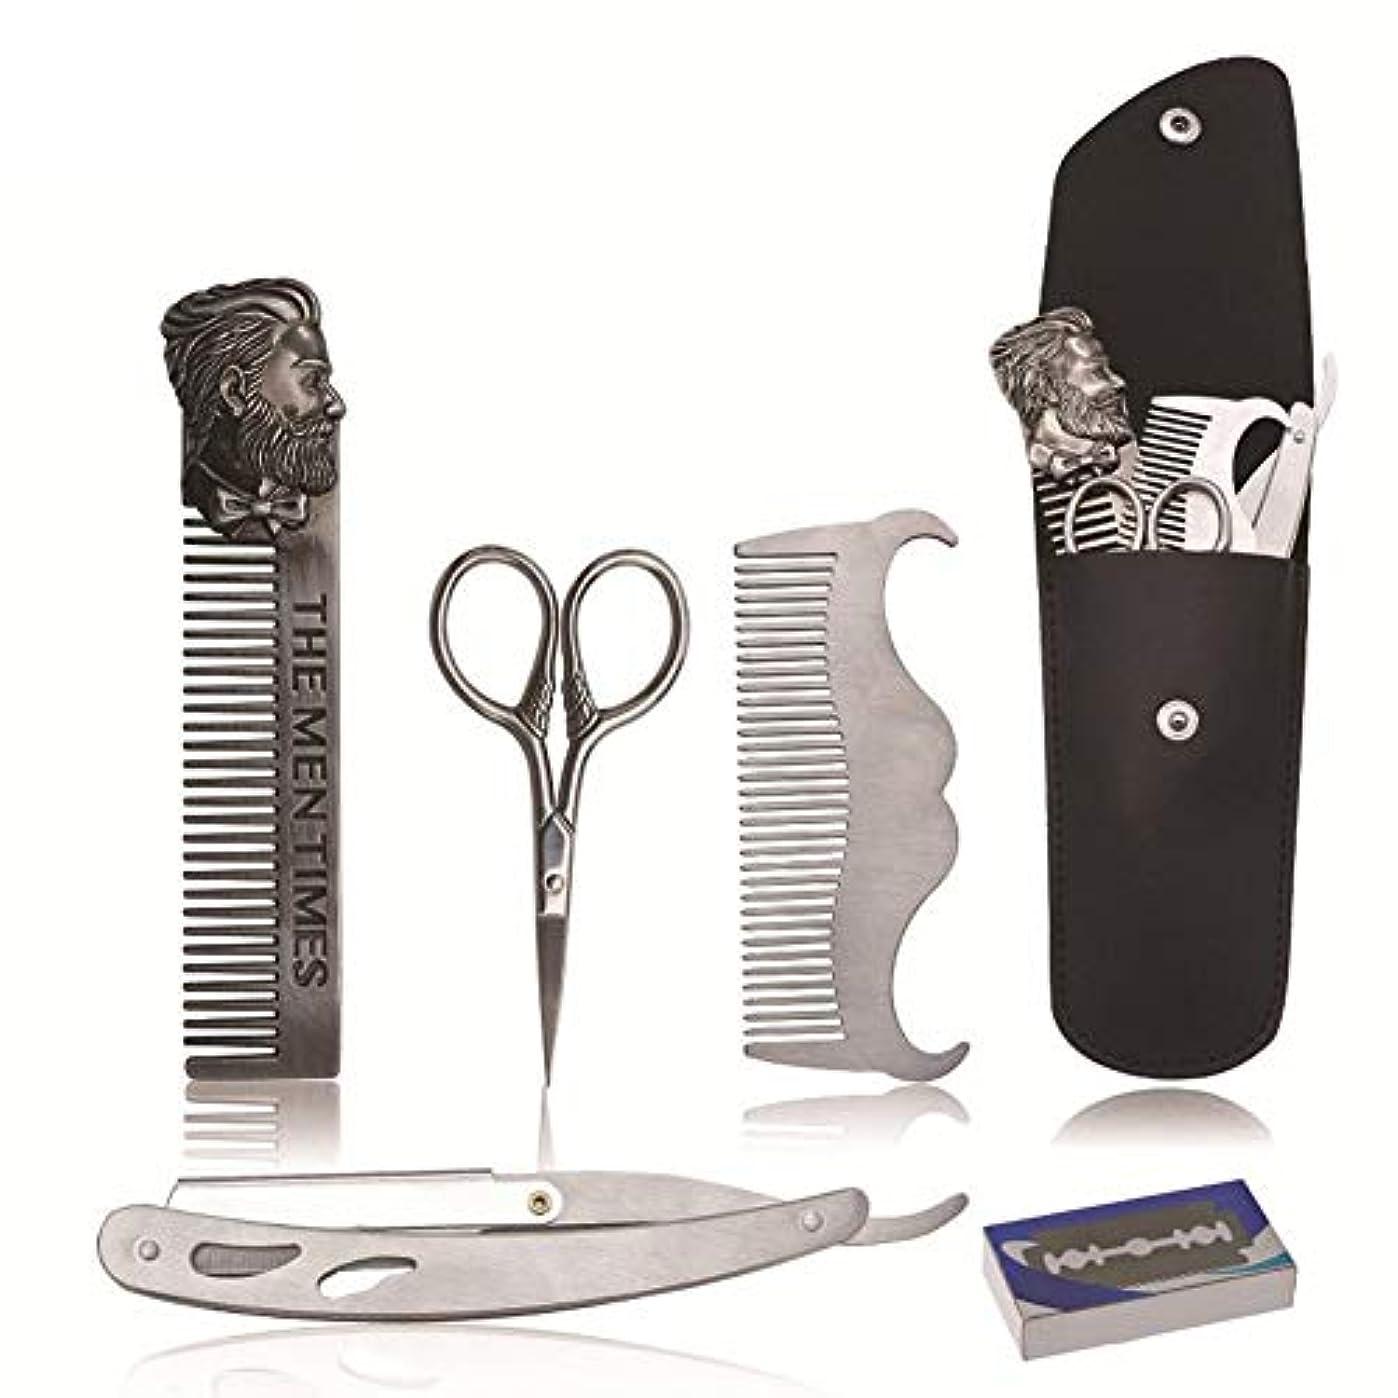 キャプテンブライそれから無心5ピースは、男性Barttrimmsetのひげについてバートケアセットを設定すると、ひげの櫛ステンレス鋼、バートステンシルトリムスタイリングツール、ひげコムBartpflegesetを剃ります